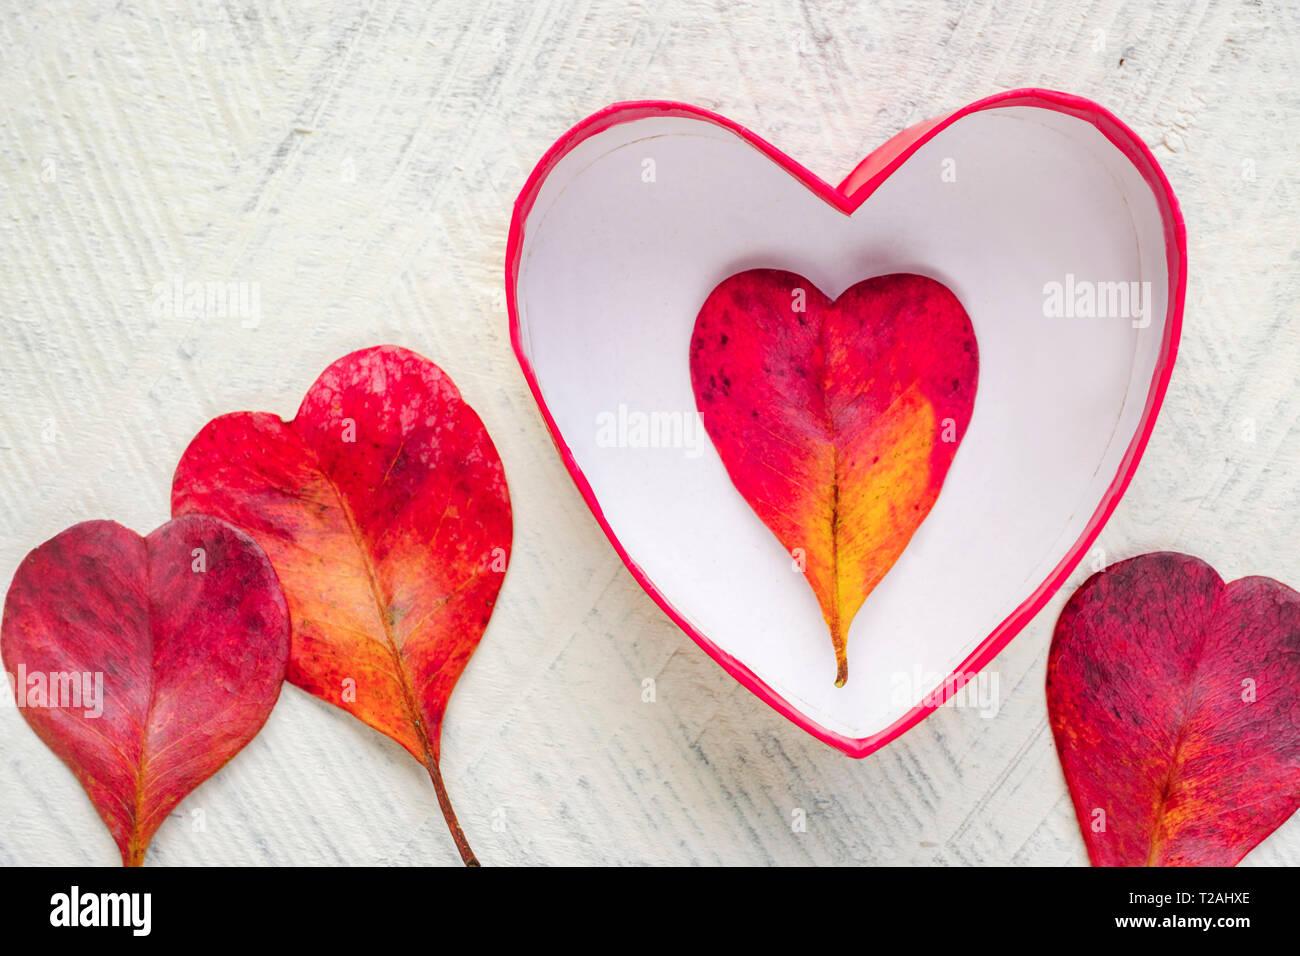 Rote herzförmige Blätter und Schüssel Stockbild